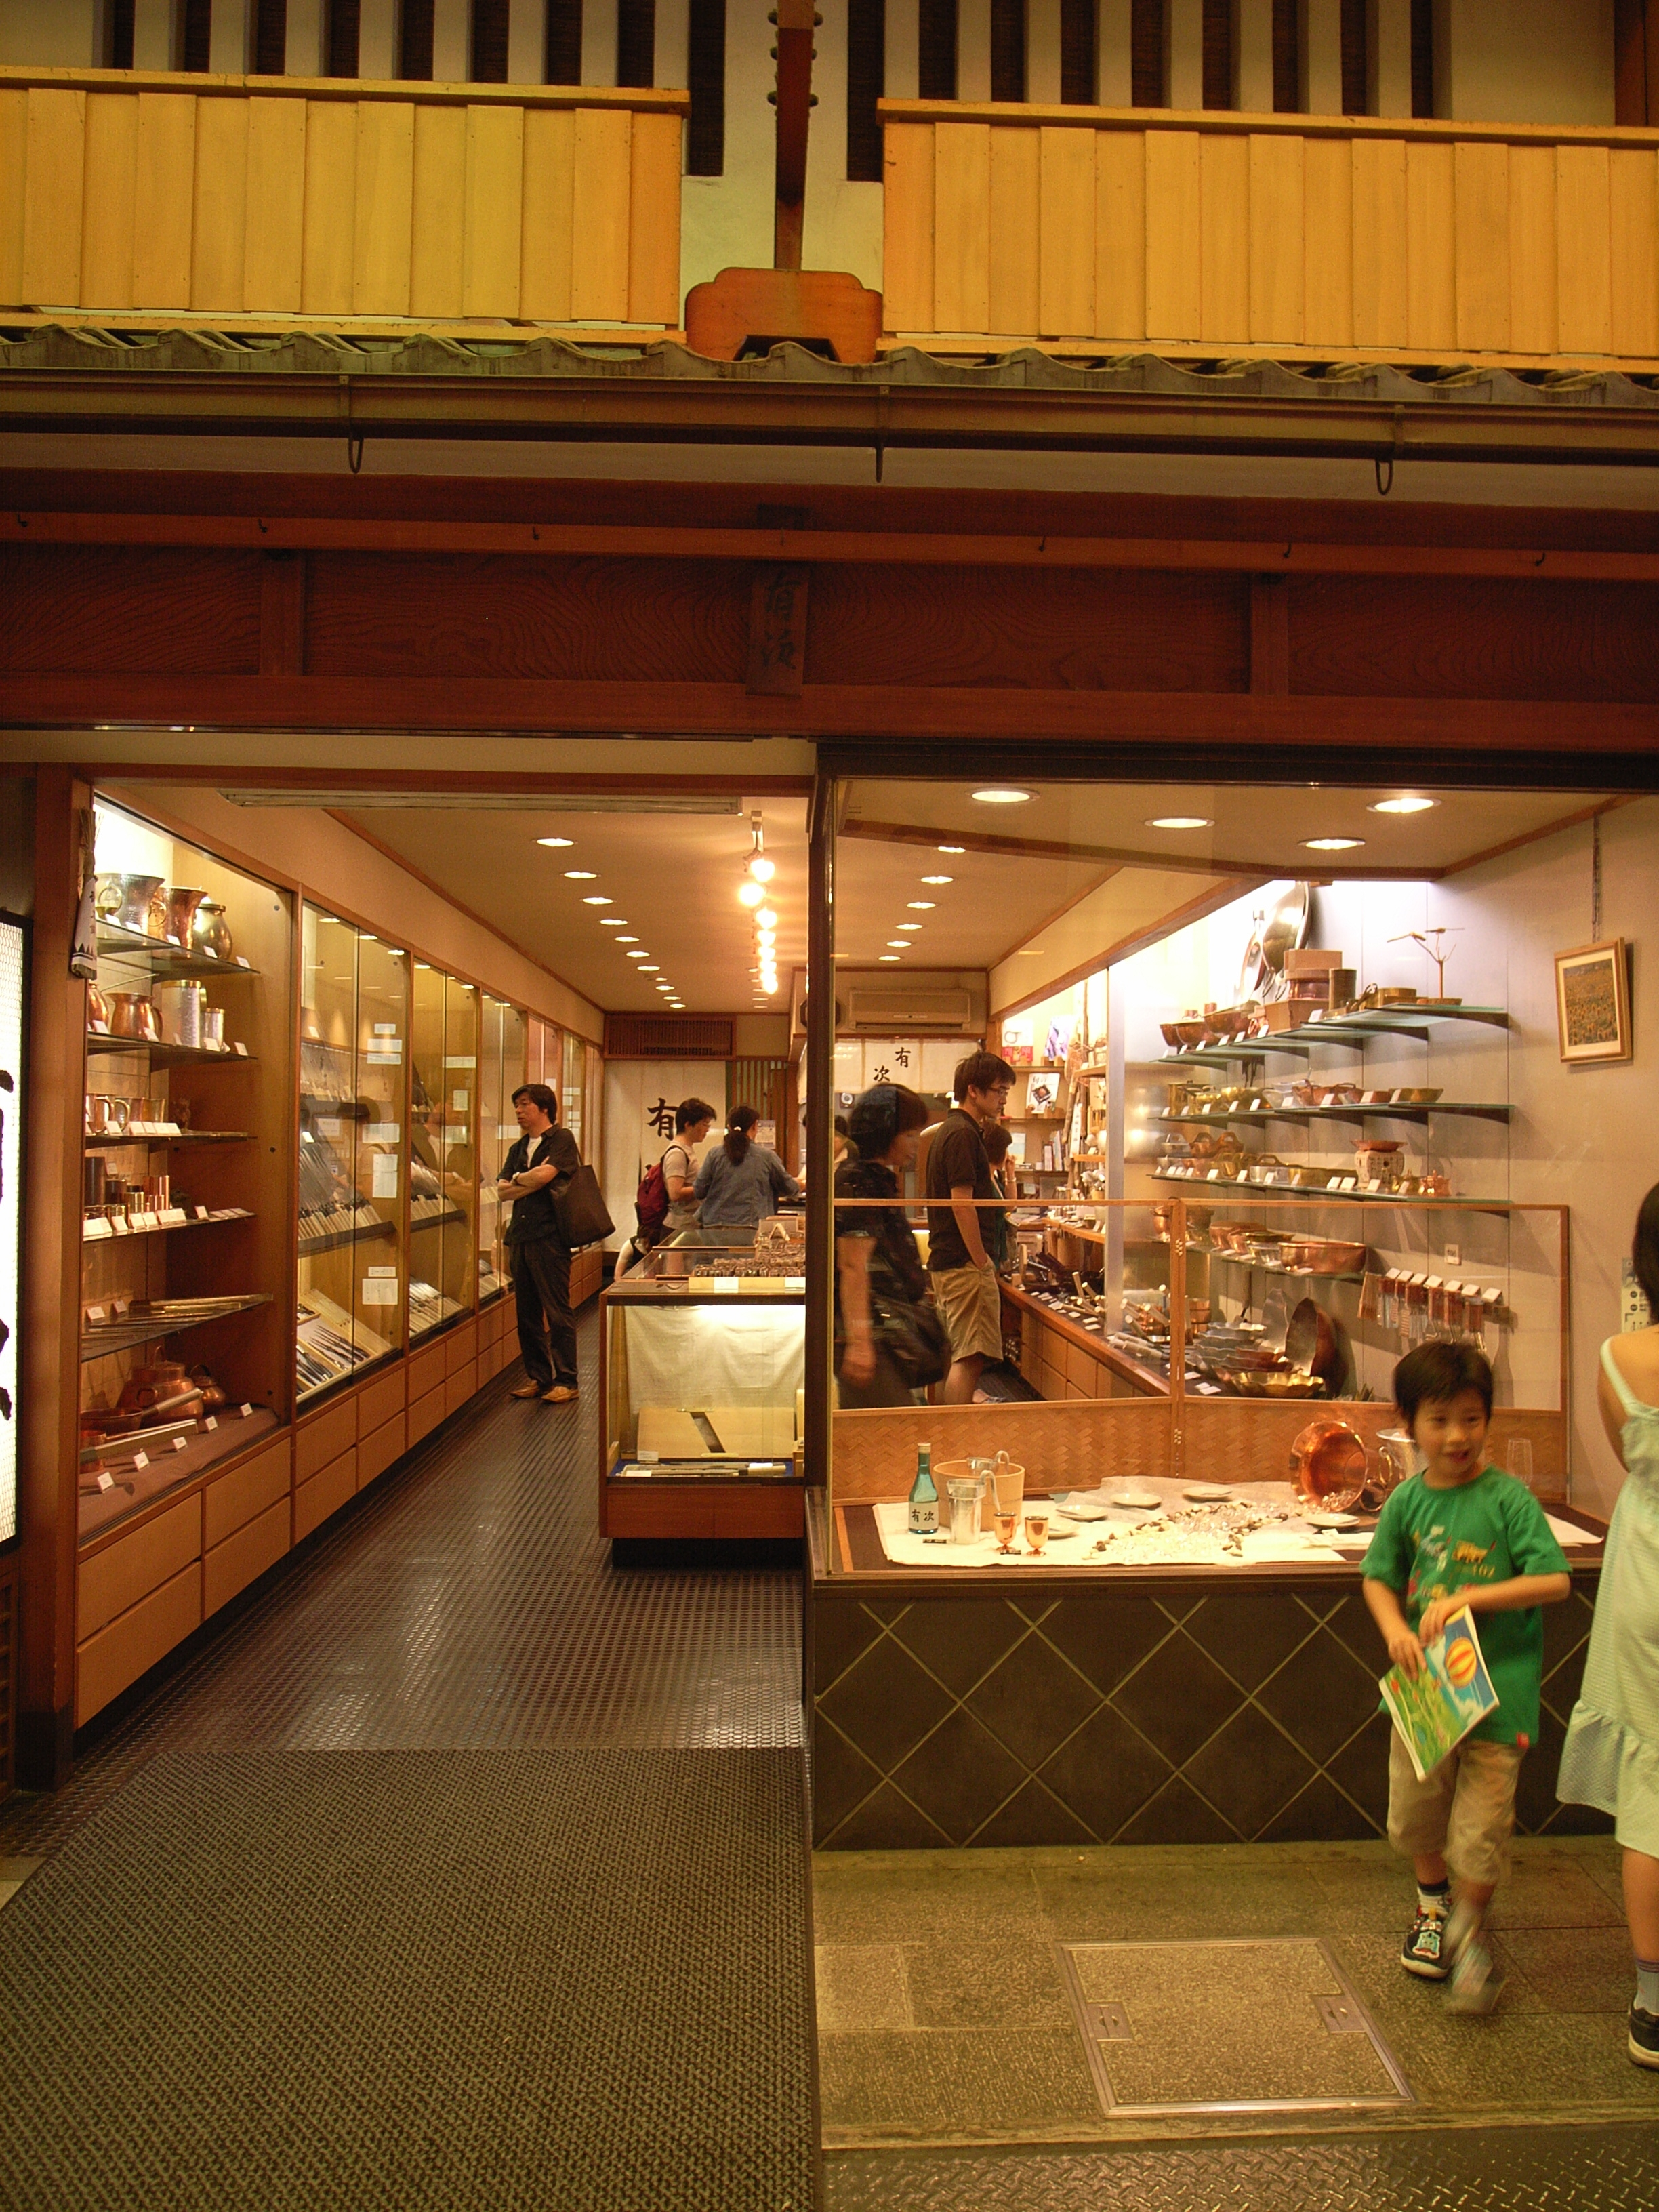 File:Kitchen Tools Store By Matsuyuki In Nishiki Ichiba, Kyoto